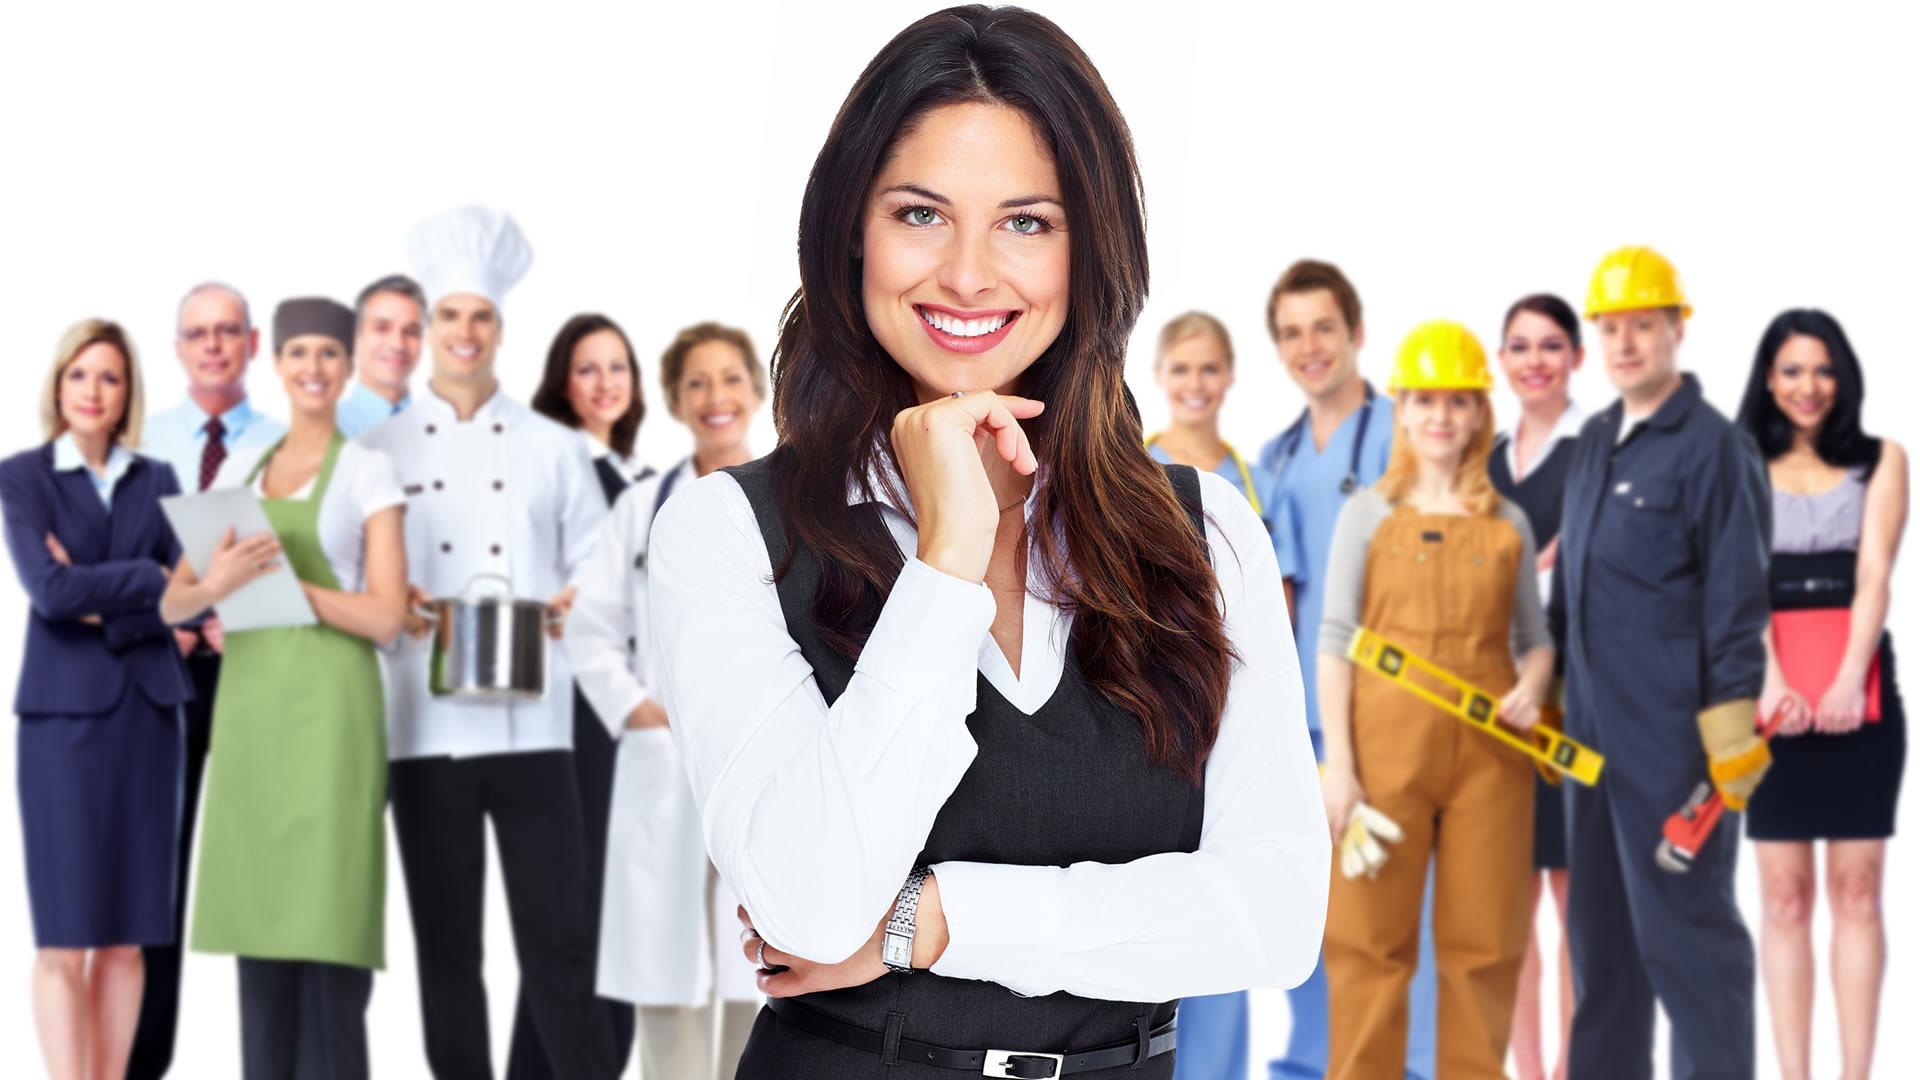 Кадровое агентство домашнего персонала, чем мы полезны?